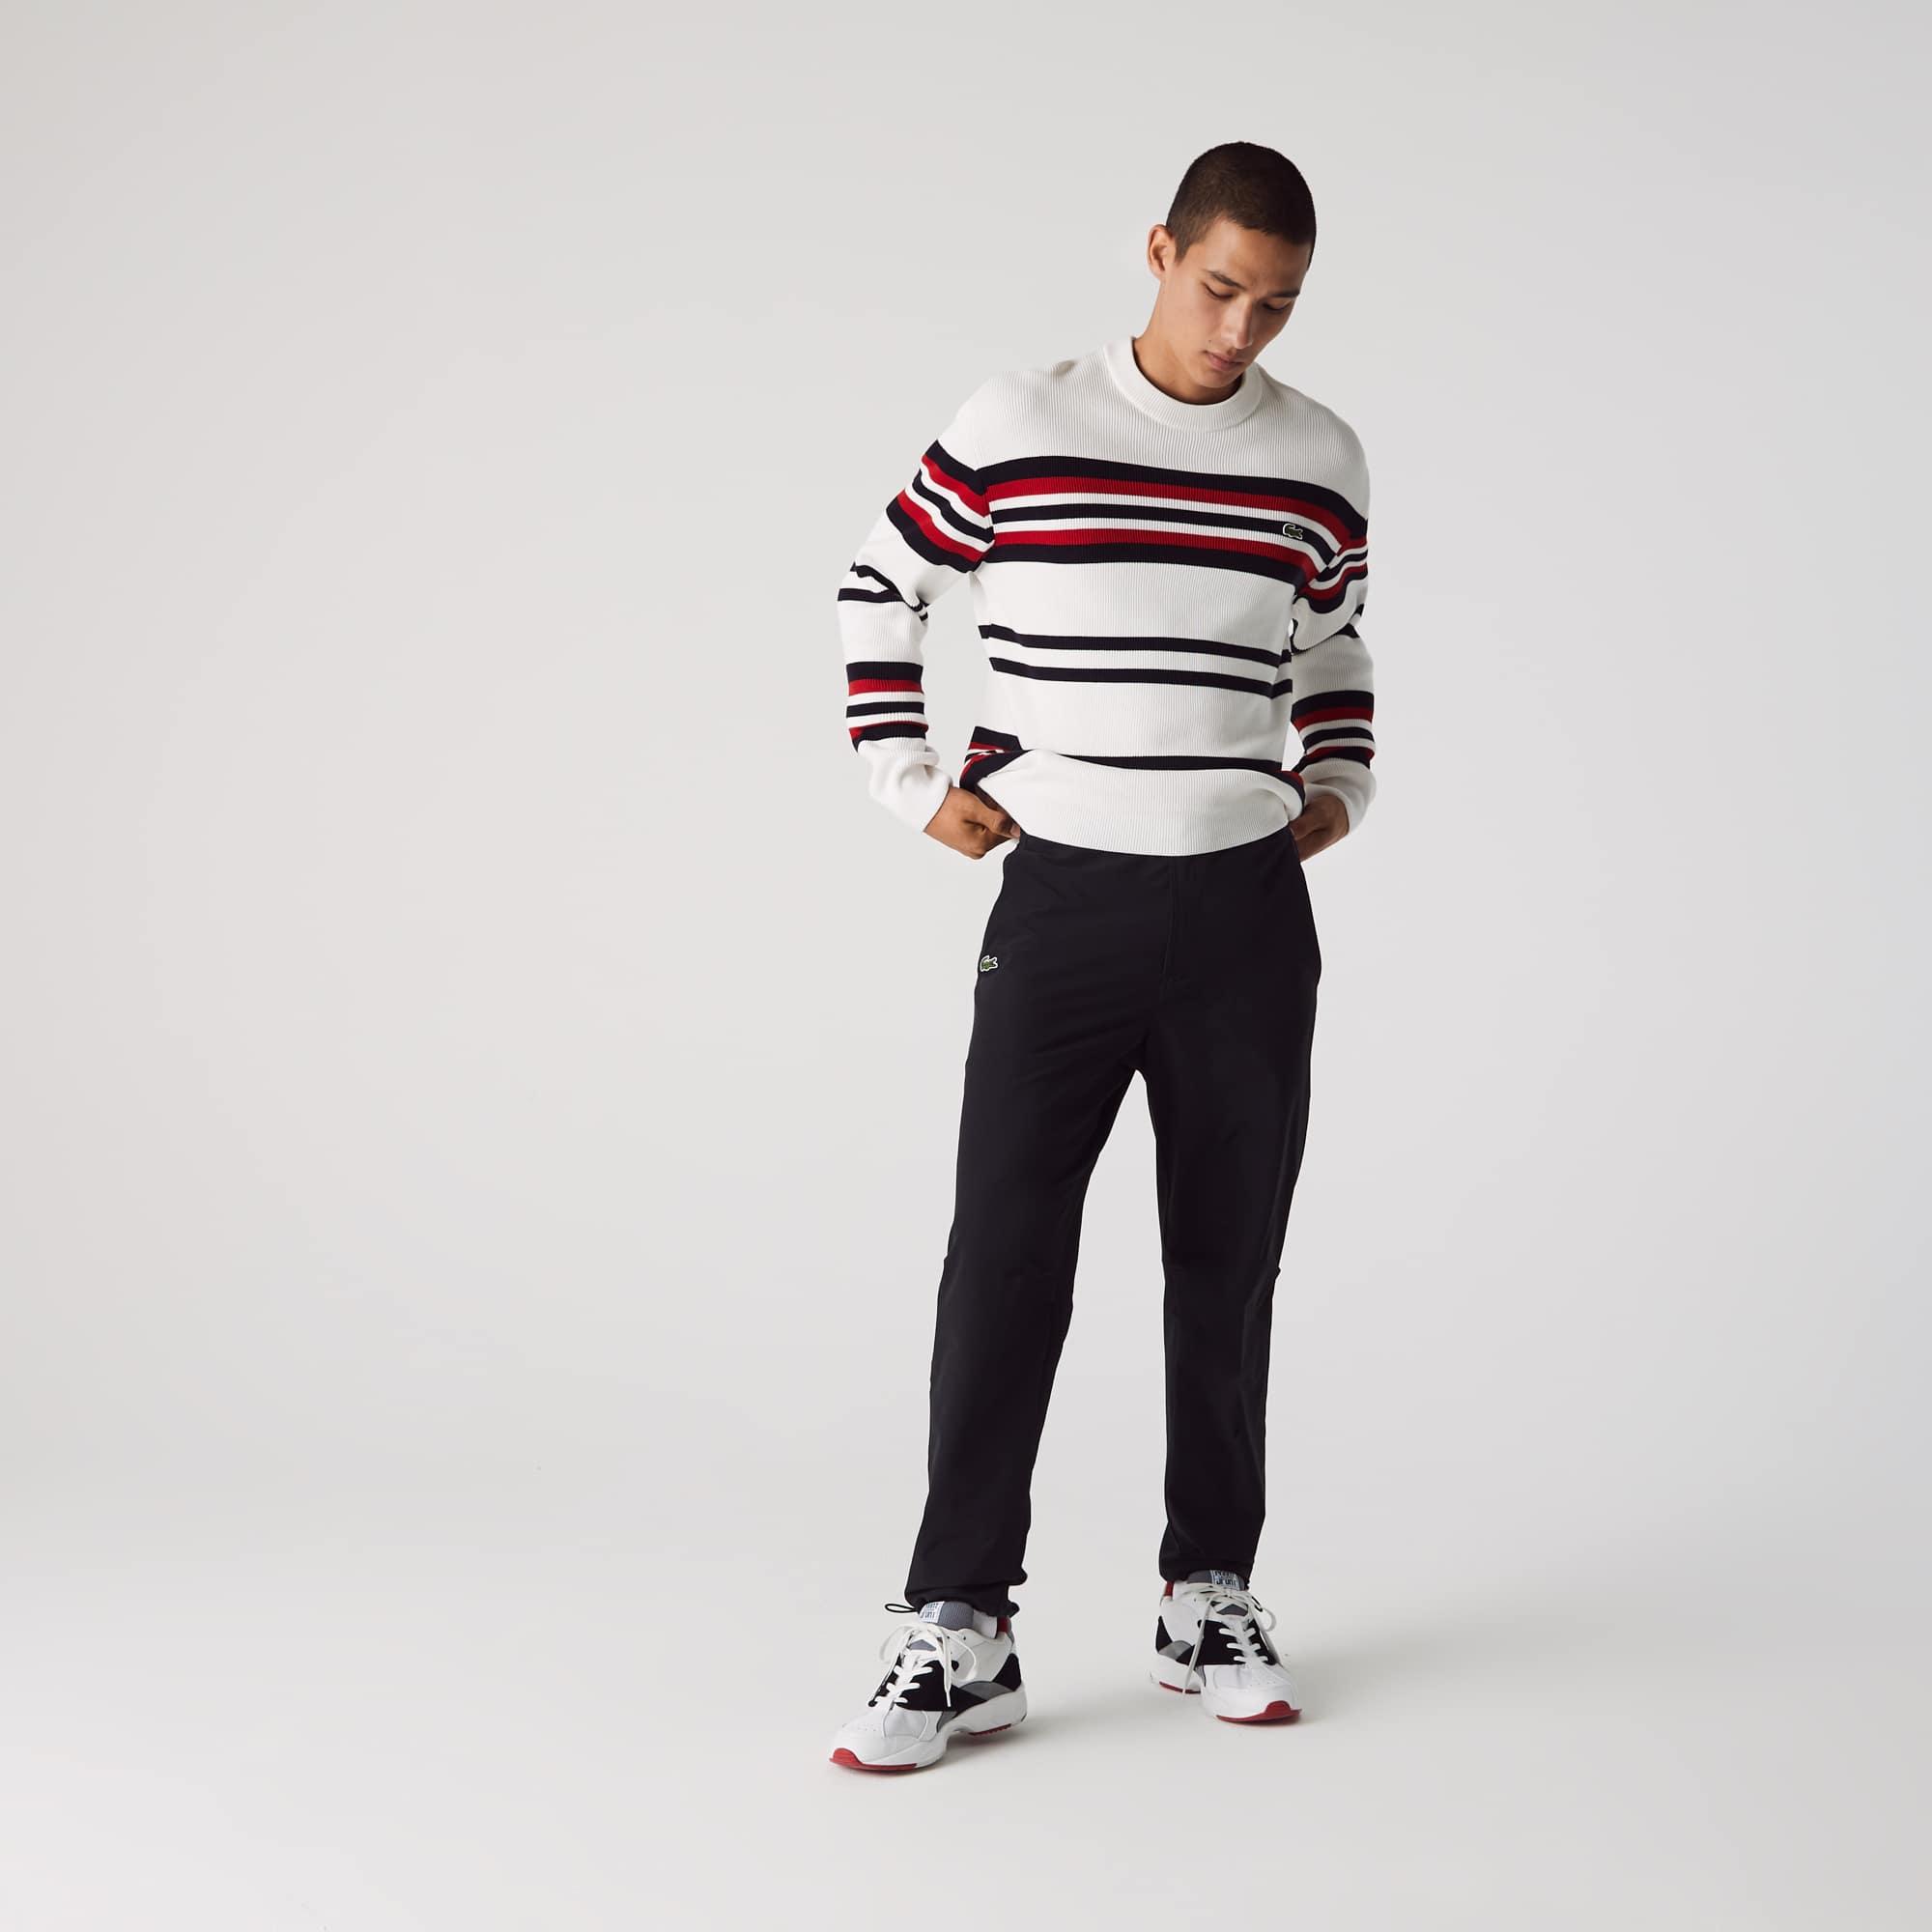 라코스테 스포츠 '랩 미 업 컬렉션' 경량 트랙팬츠 Mens Lacoste SPORT Lightweight Tracksuit Pants,Black • 031